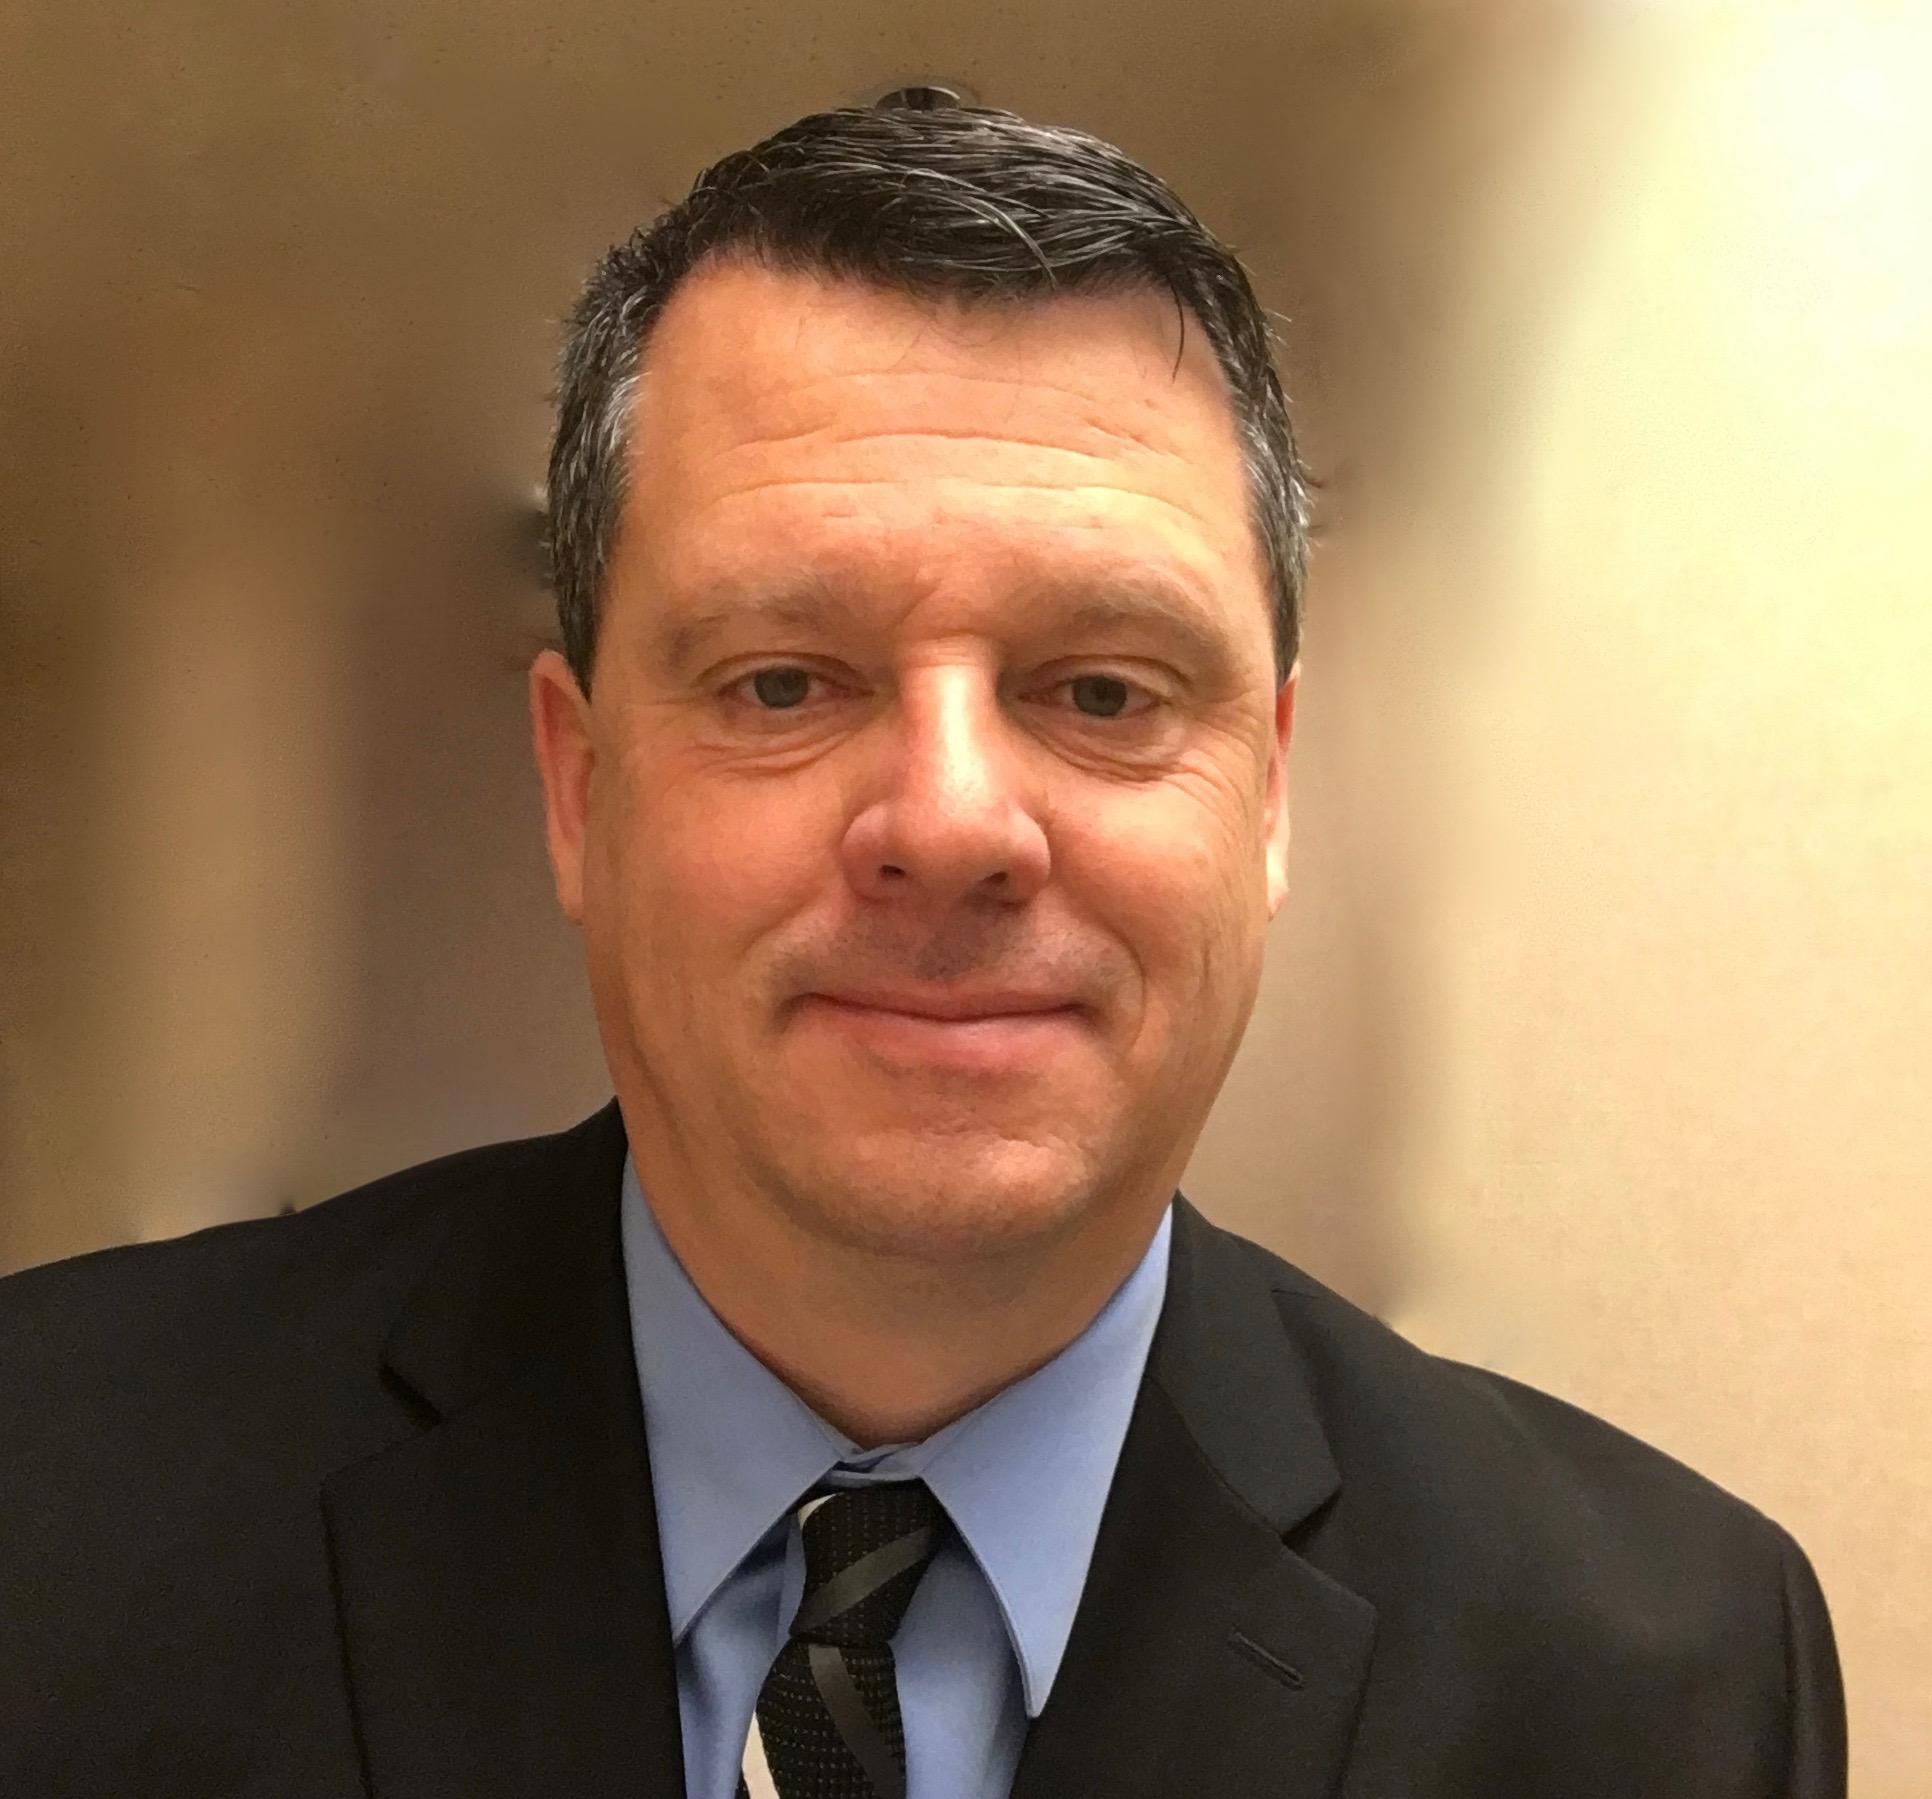 Charles Escutia profile image